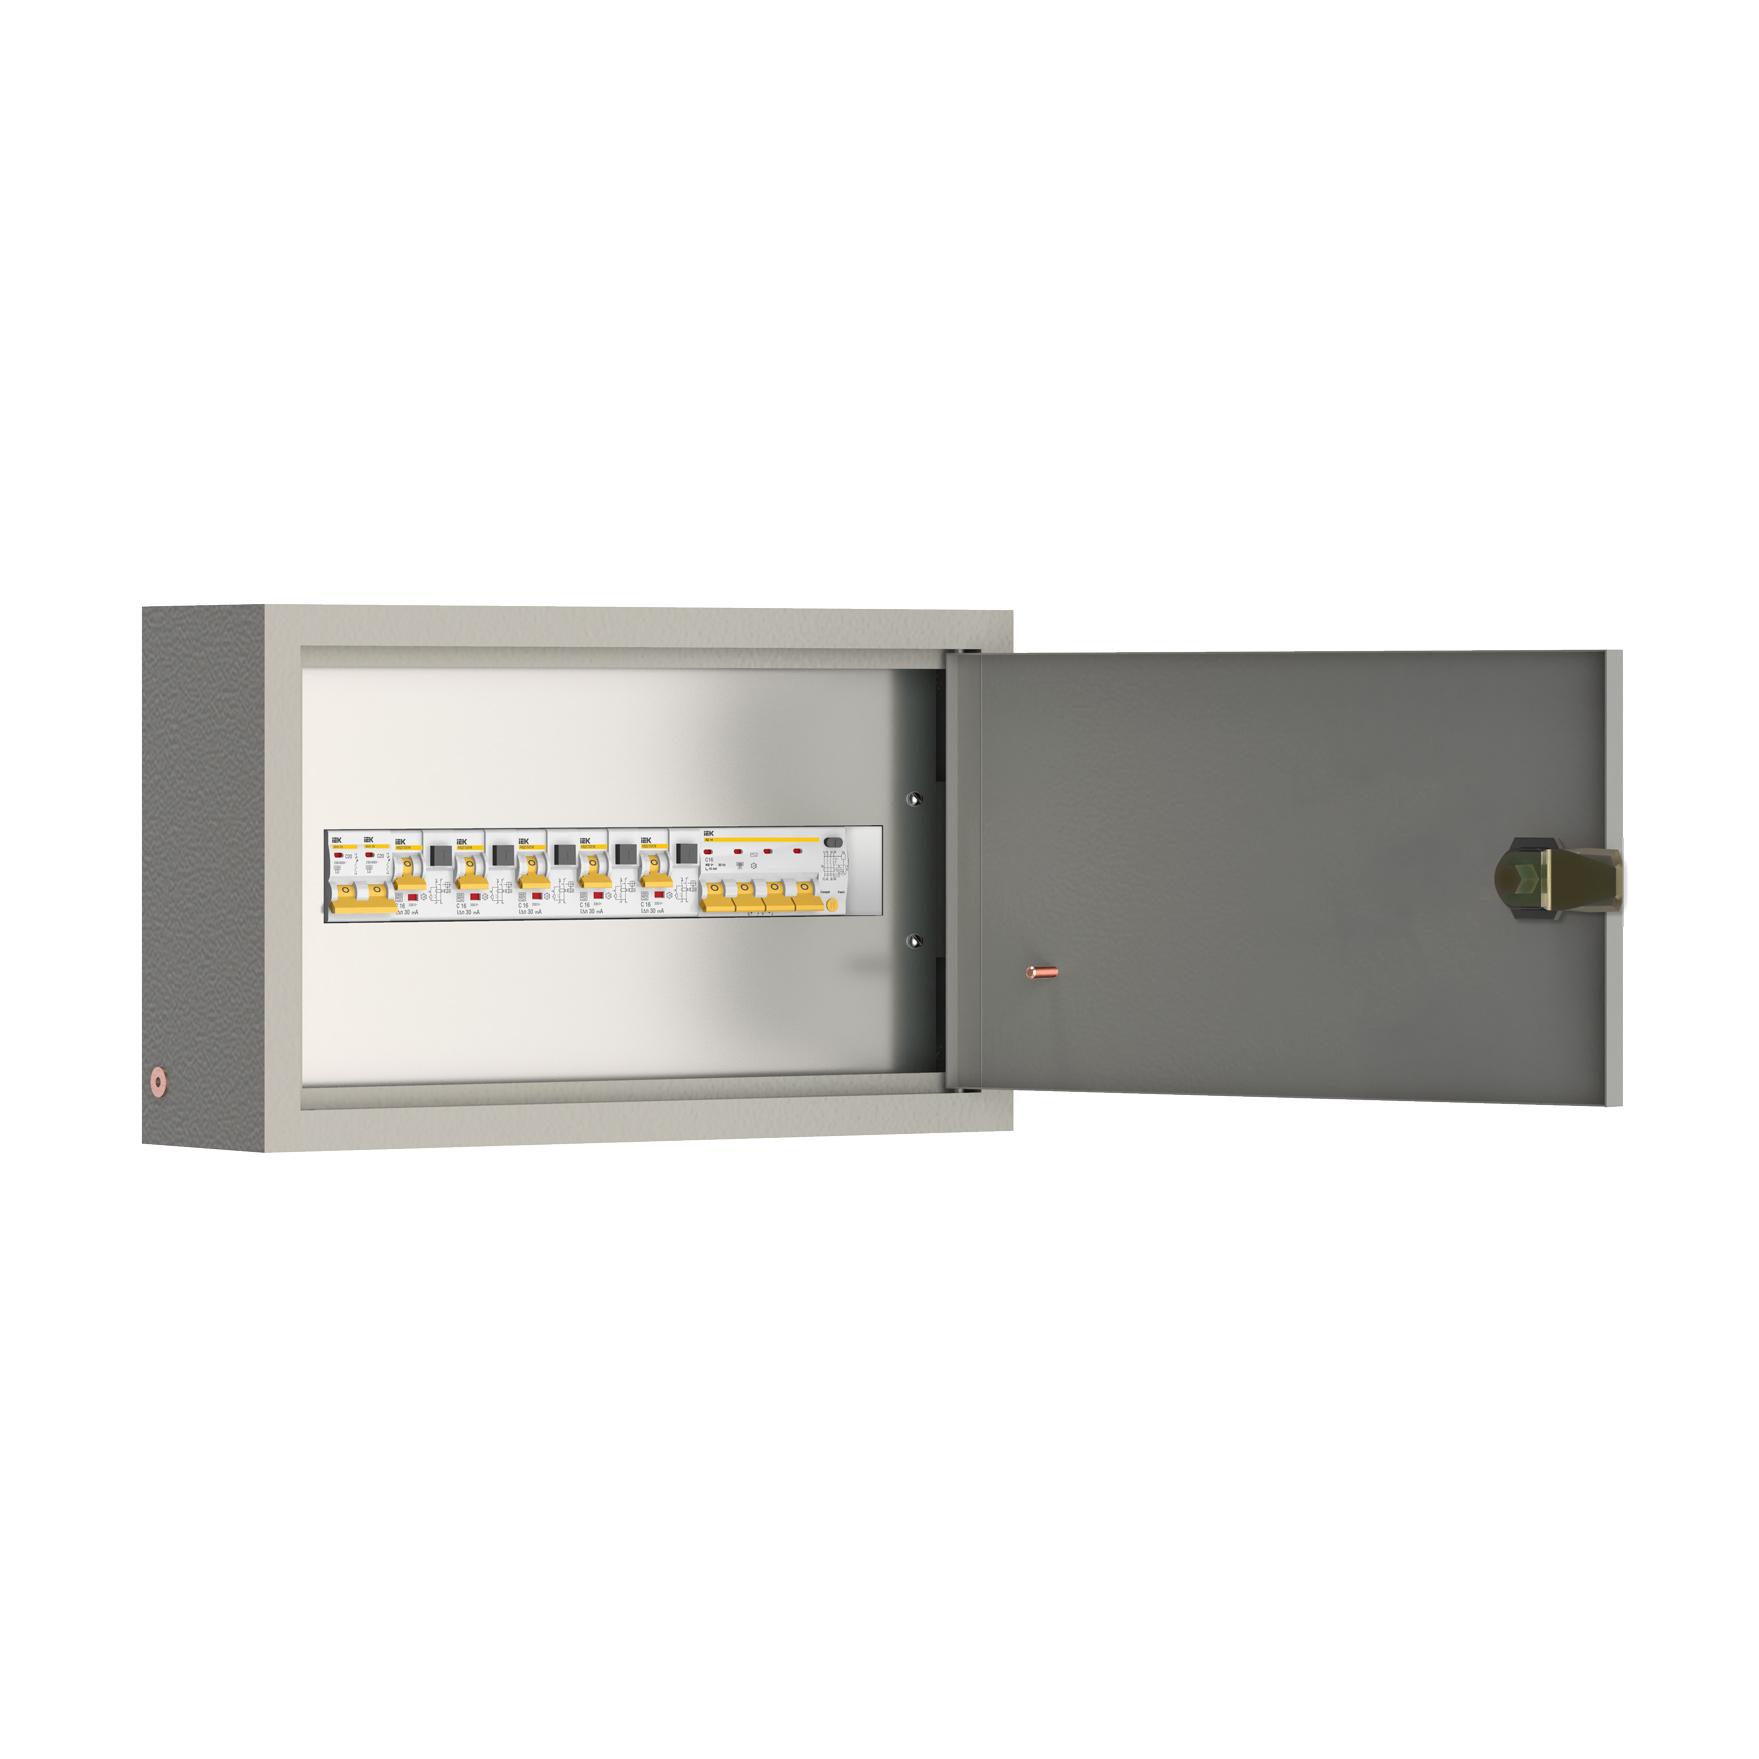 Щит квартирный встраиваемый ЯК1-40-1-5-В-1 АВДТ 1х40А 30мА выключатели автоматические 1Р 4х16А 1х32А IEK